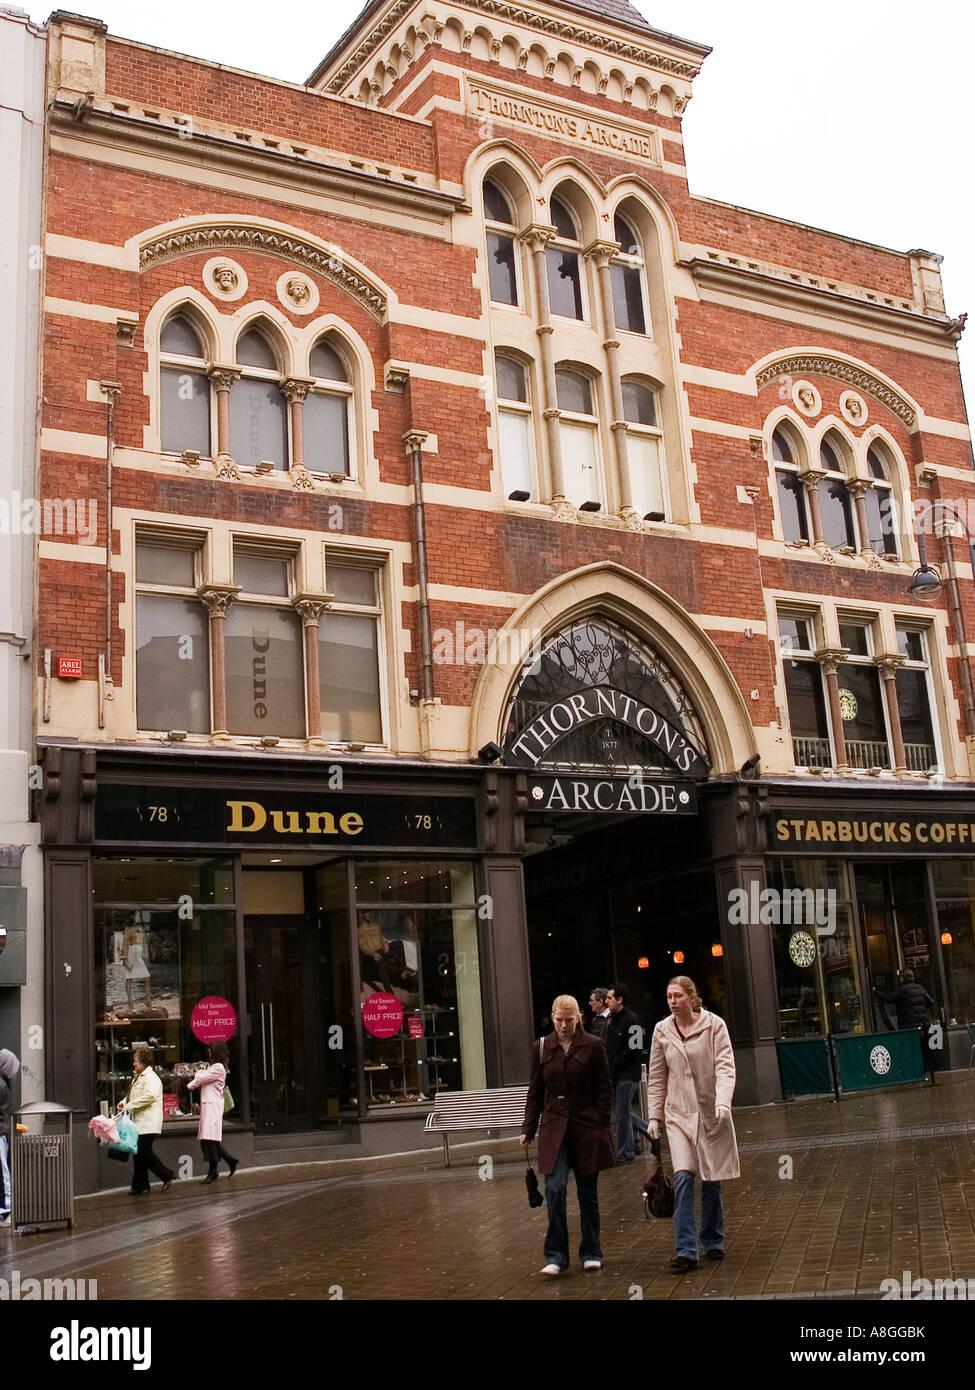 Thornton's Arcade Leeds - Stock Image